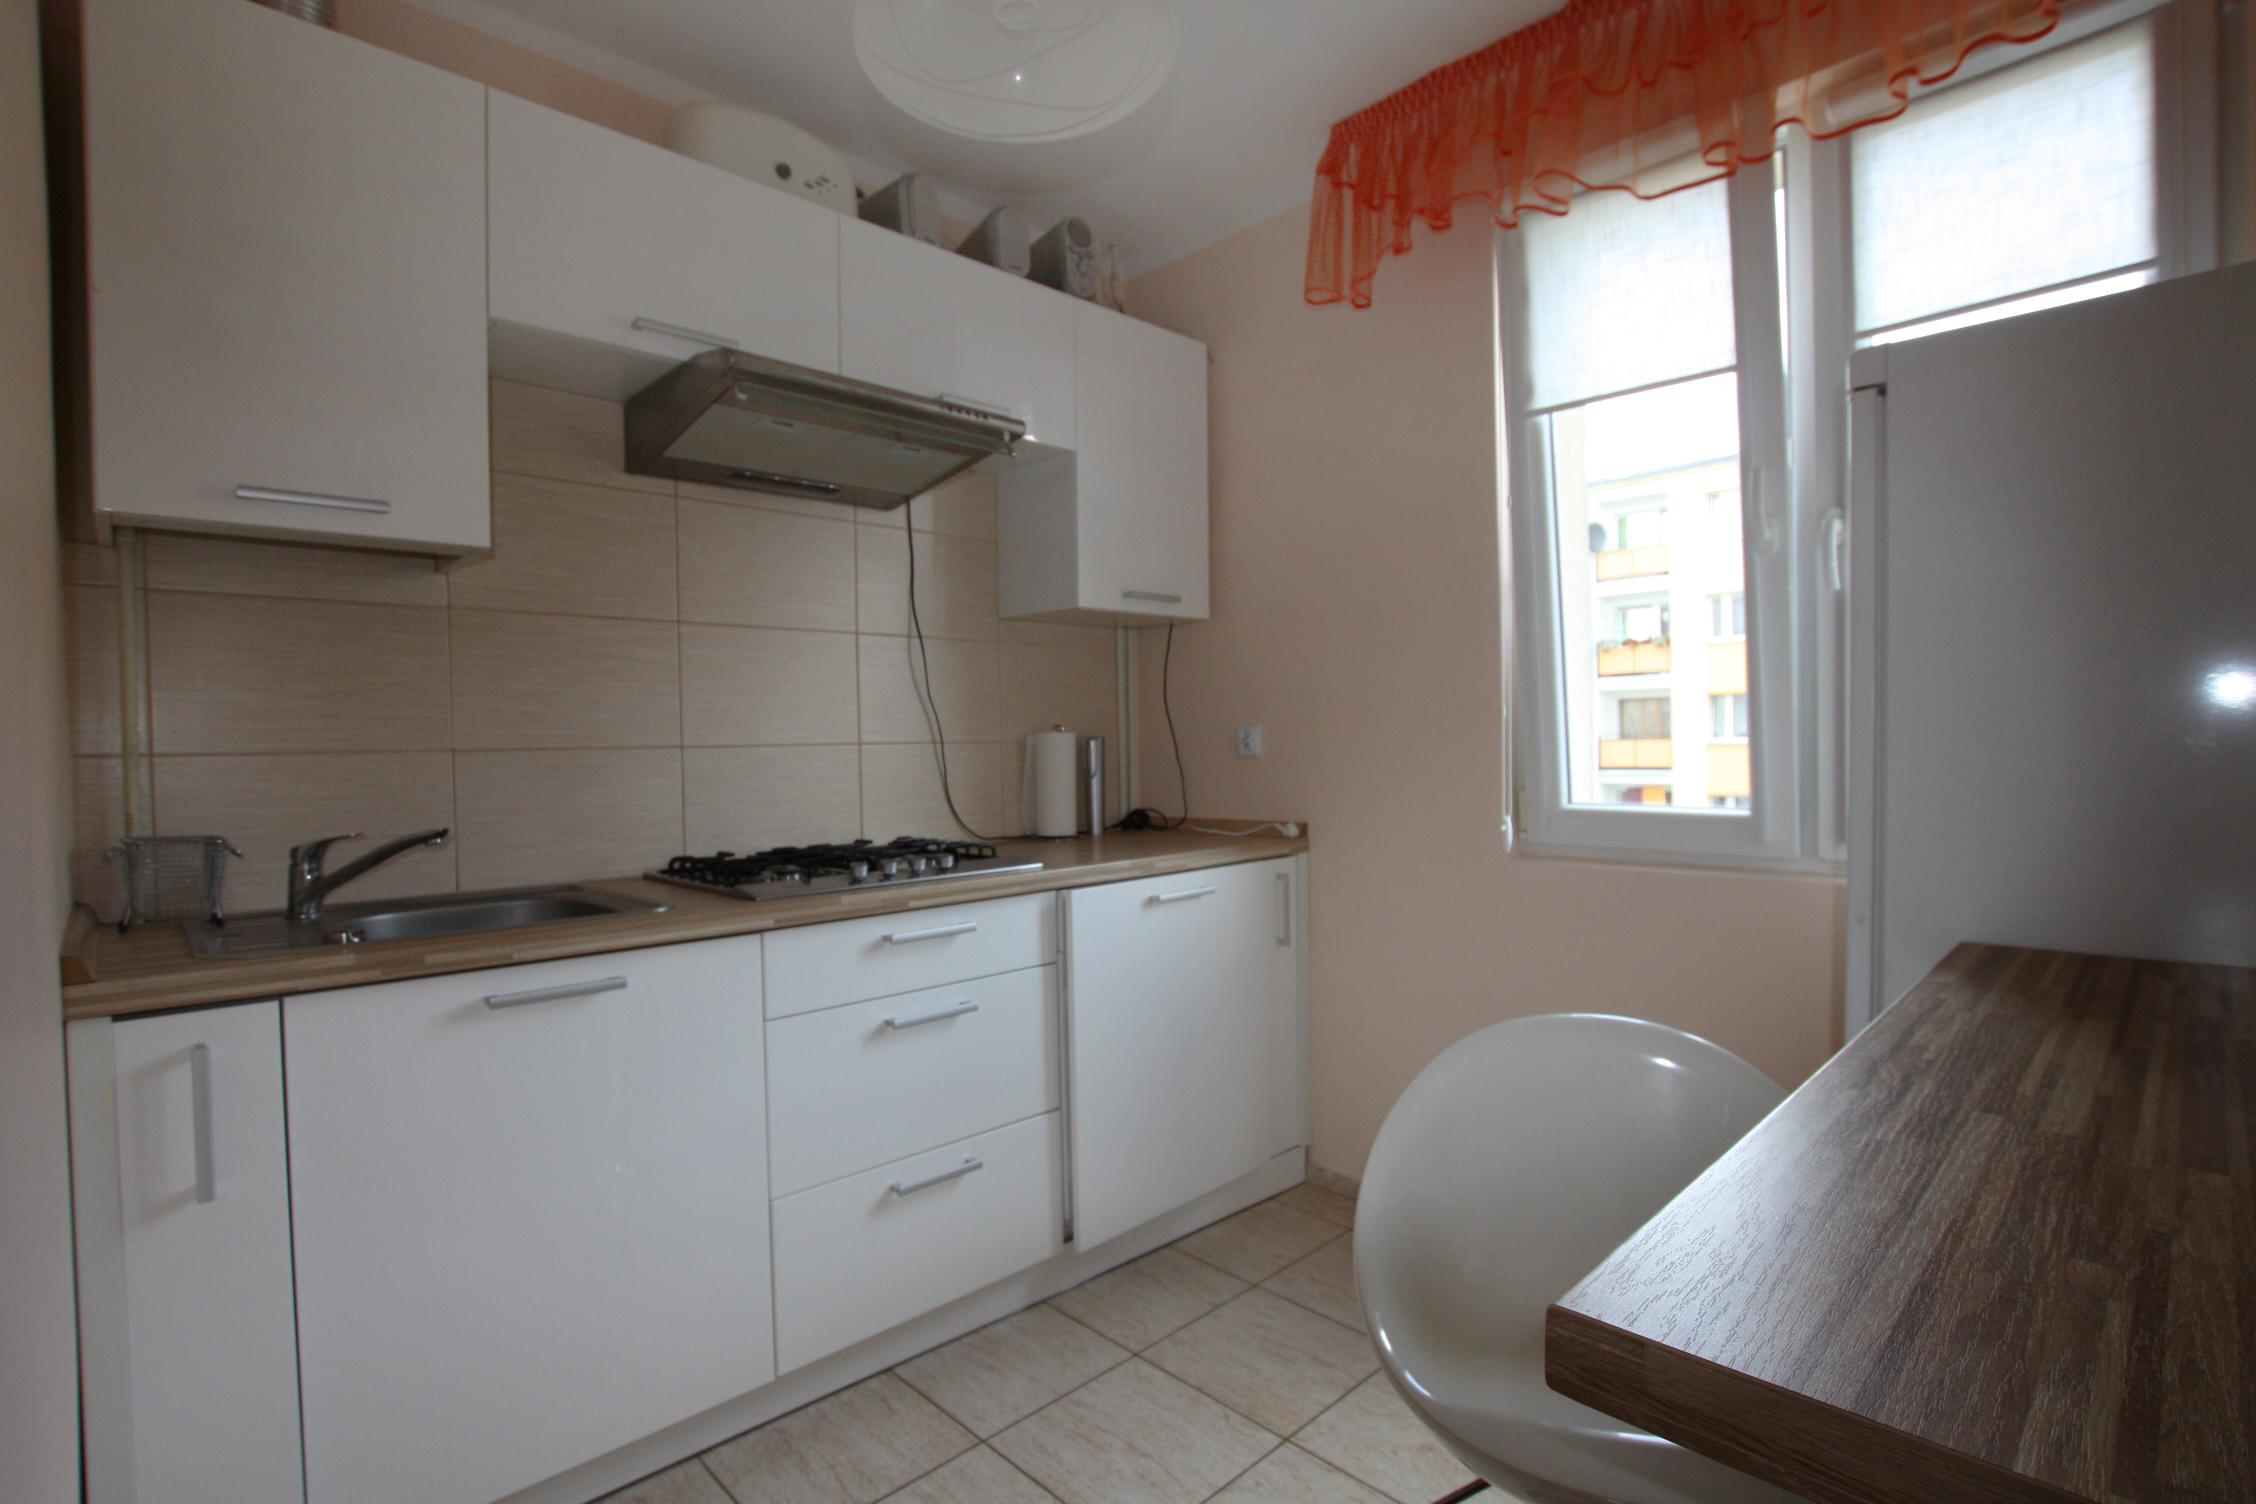 Mieszkanie 2 pokojowe w centrum Świnoujścia